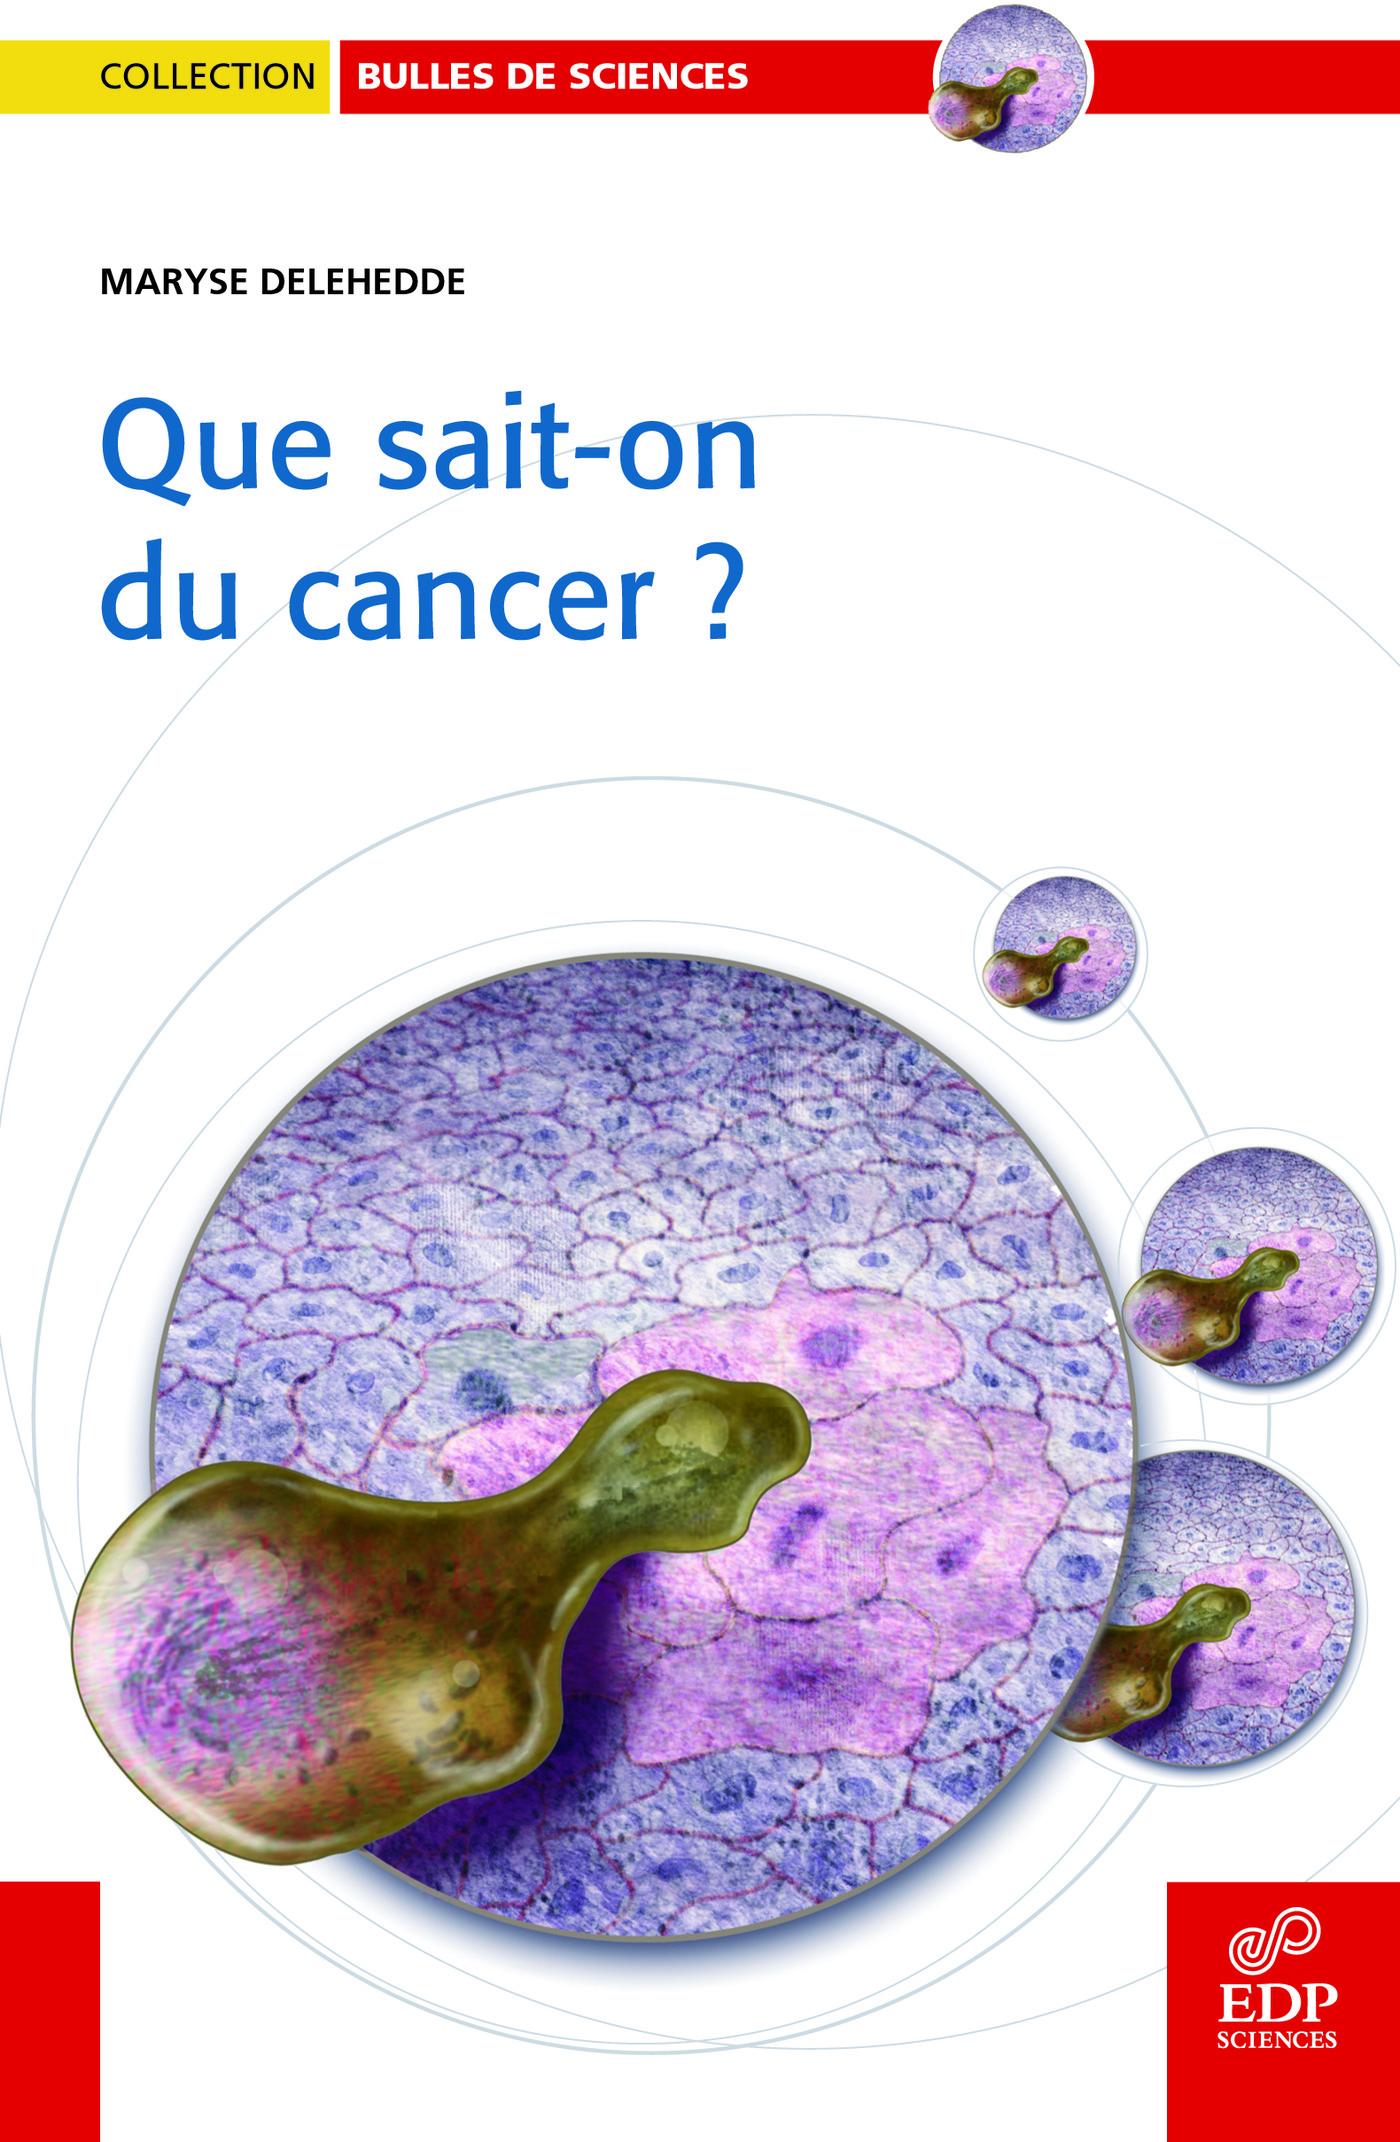 QUE SAIT-ON DU CANCER?